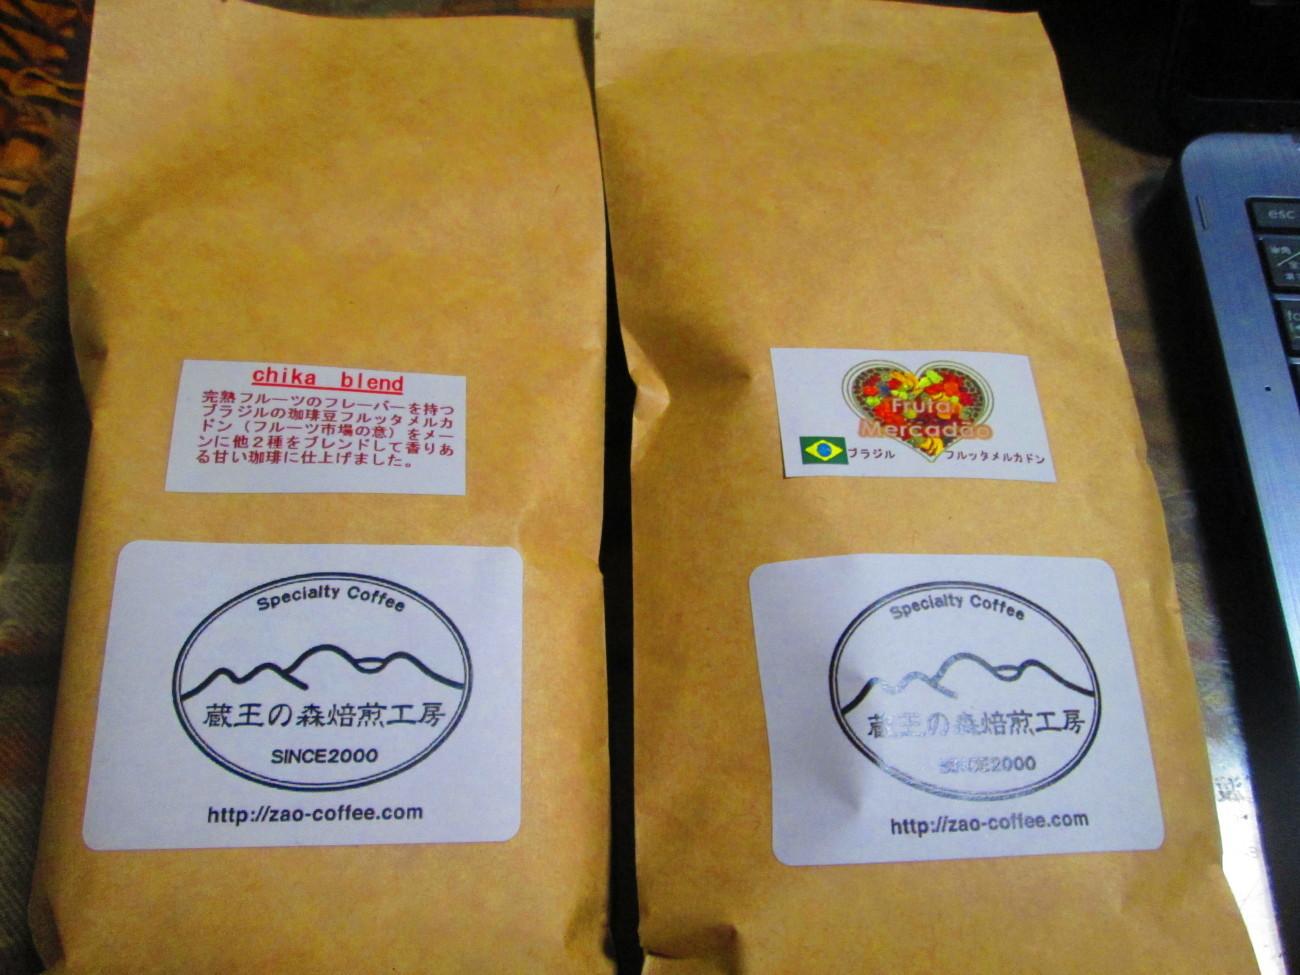 昨日は、コーヒー豆を買いに、「蔵王の森焙煎工房 旅籠町店」に行ってきました_d0159273_05115851.jpg